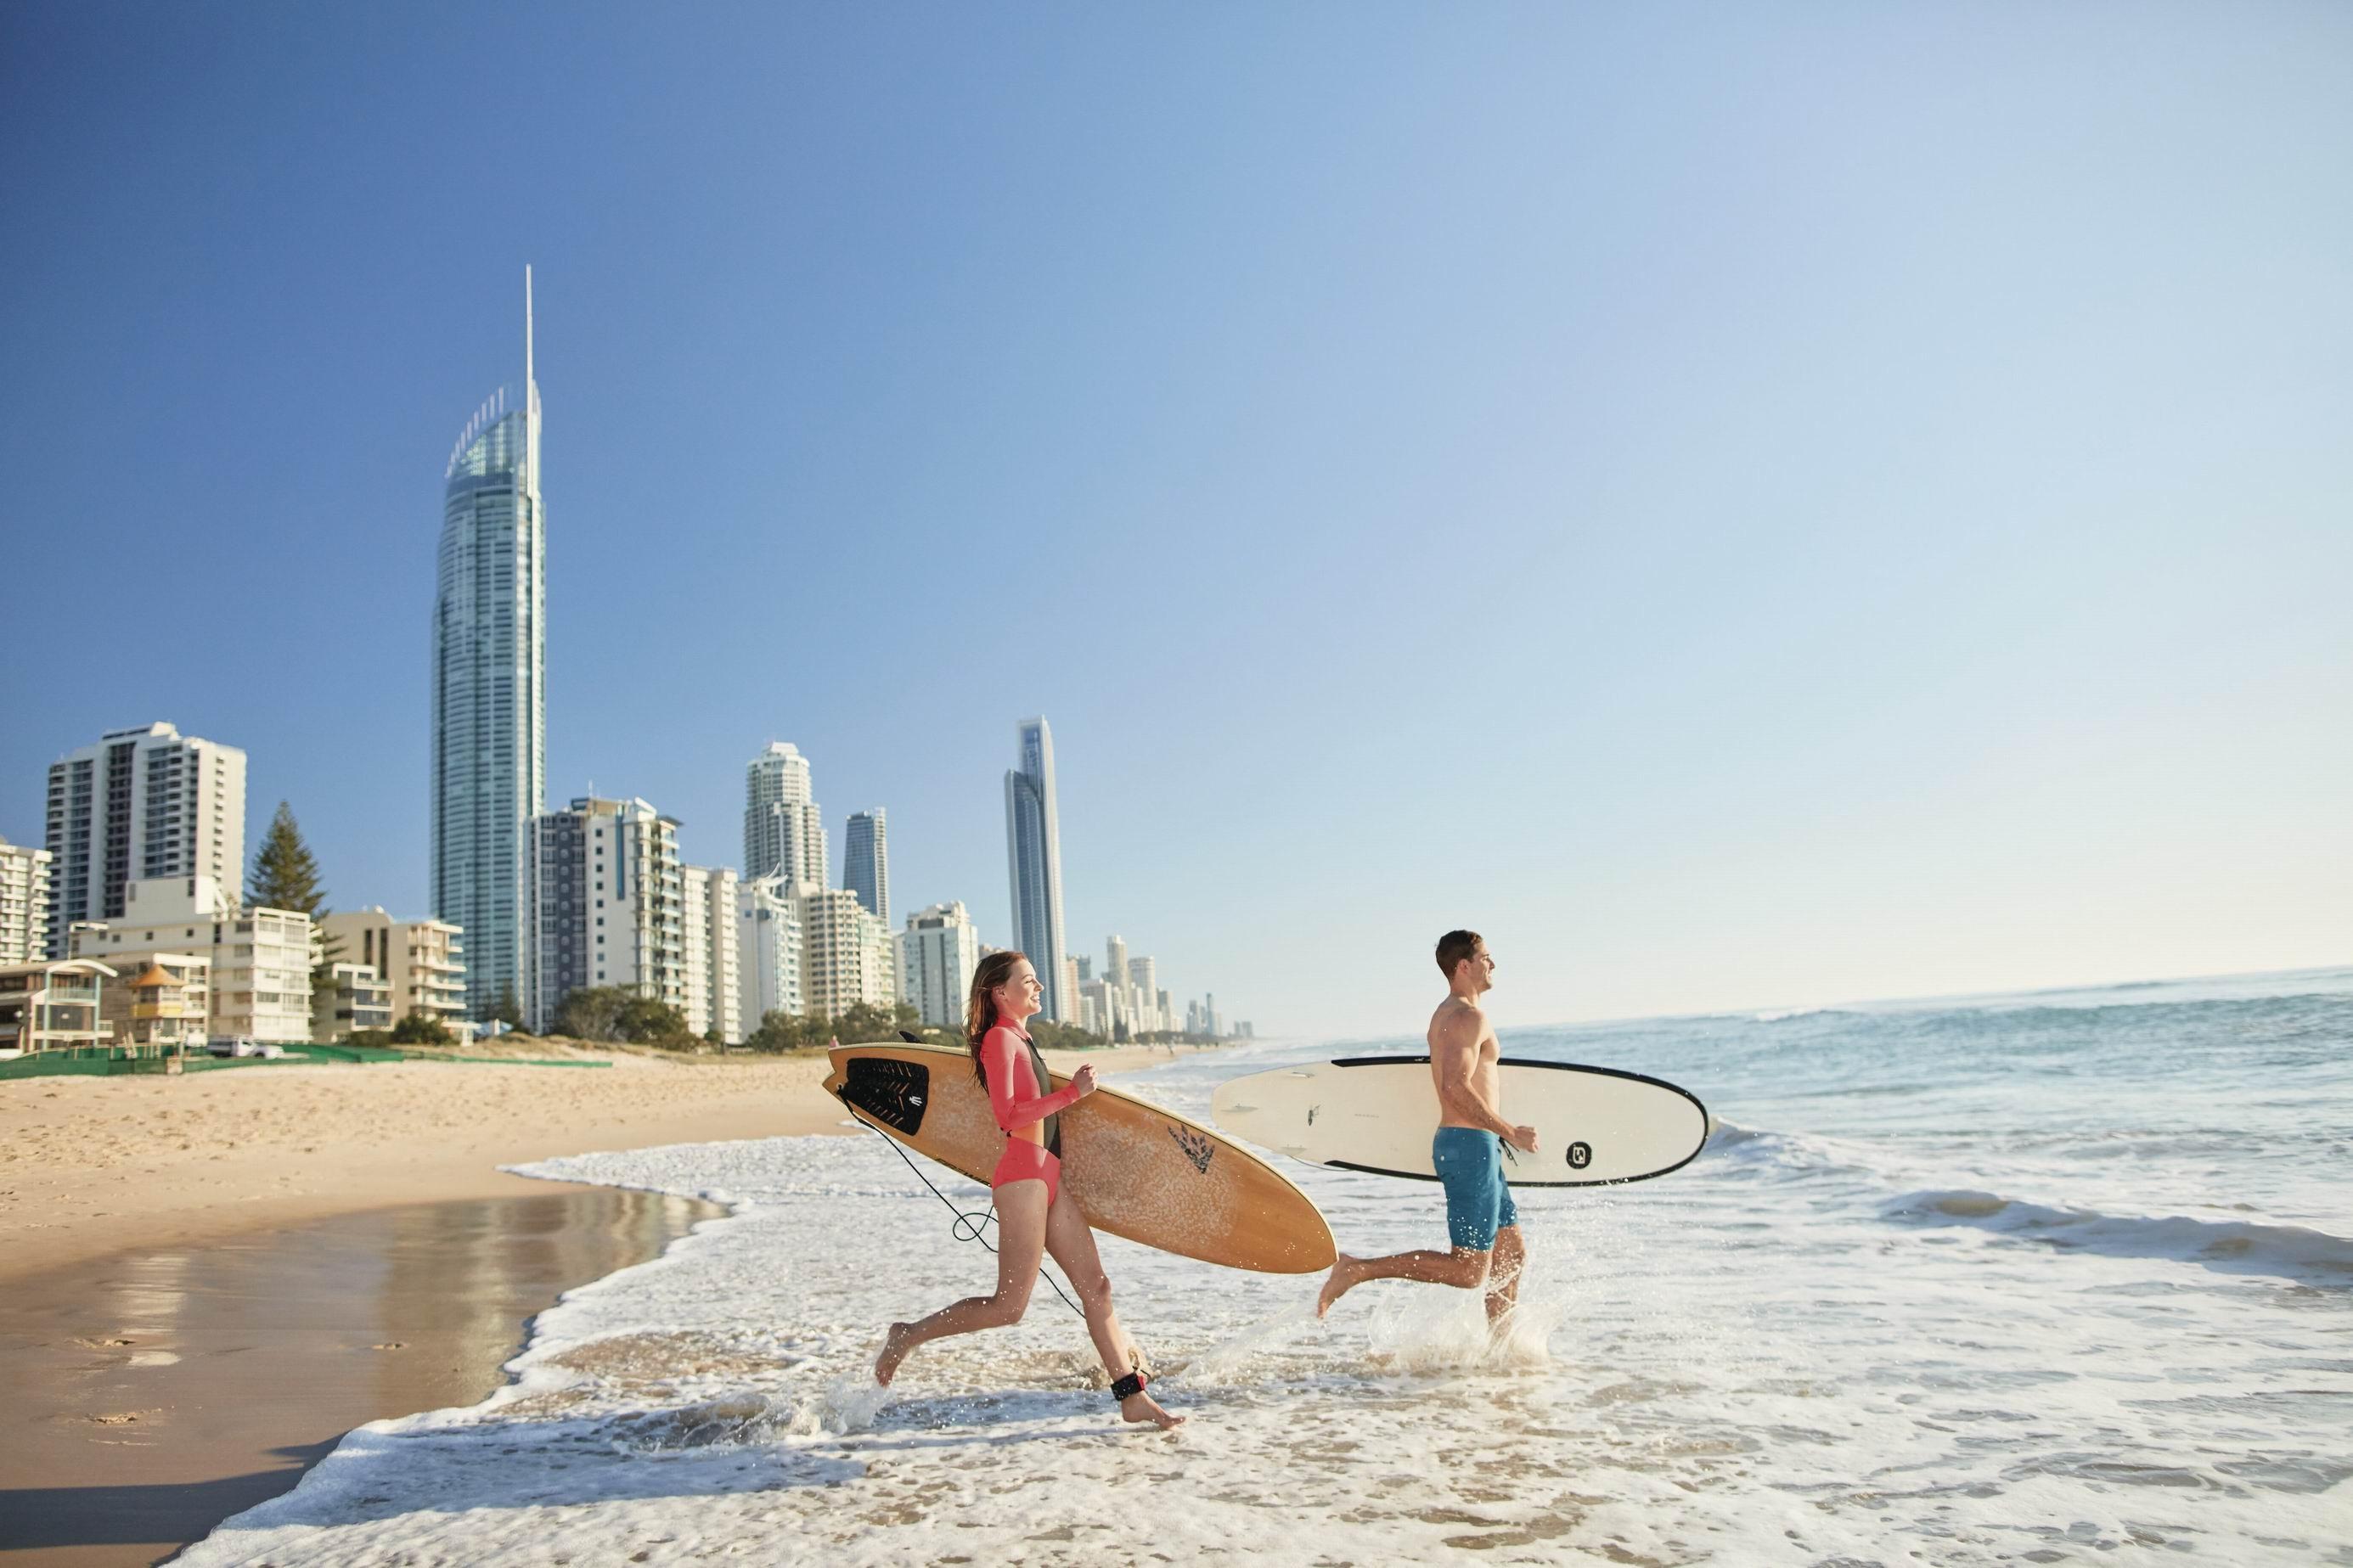 澳洲昆士蘭布里斯本黃金海岸(圖/昆士蘭州旅遊局提供)